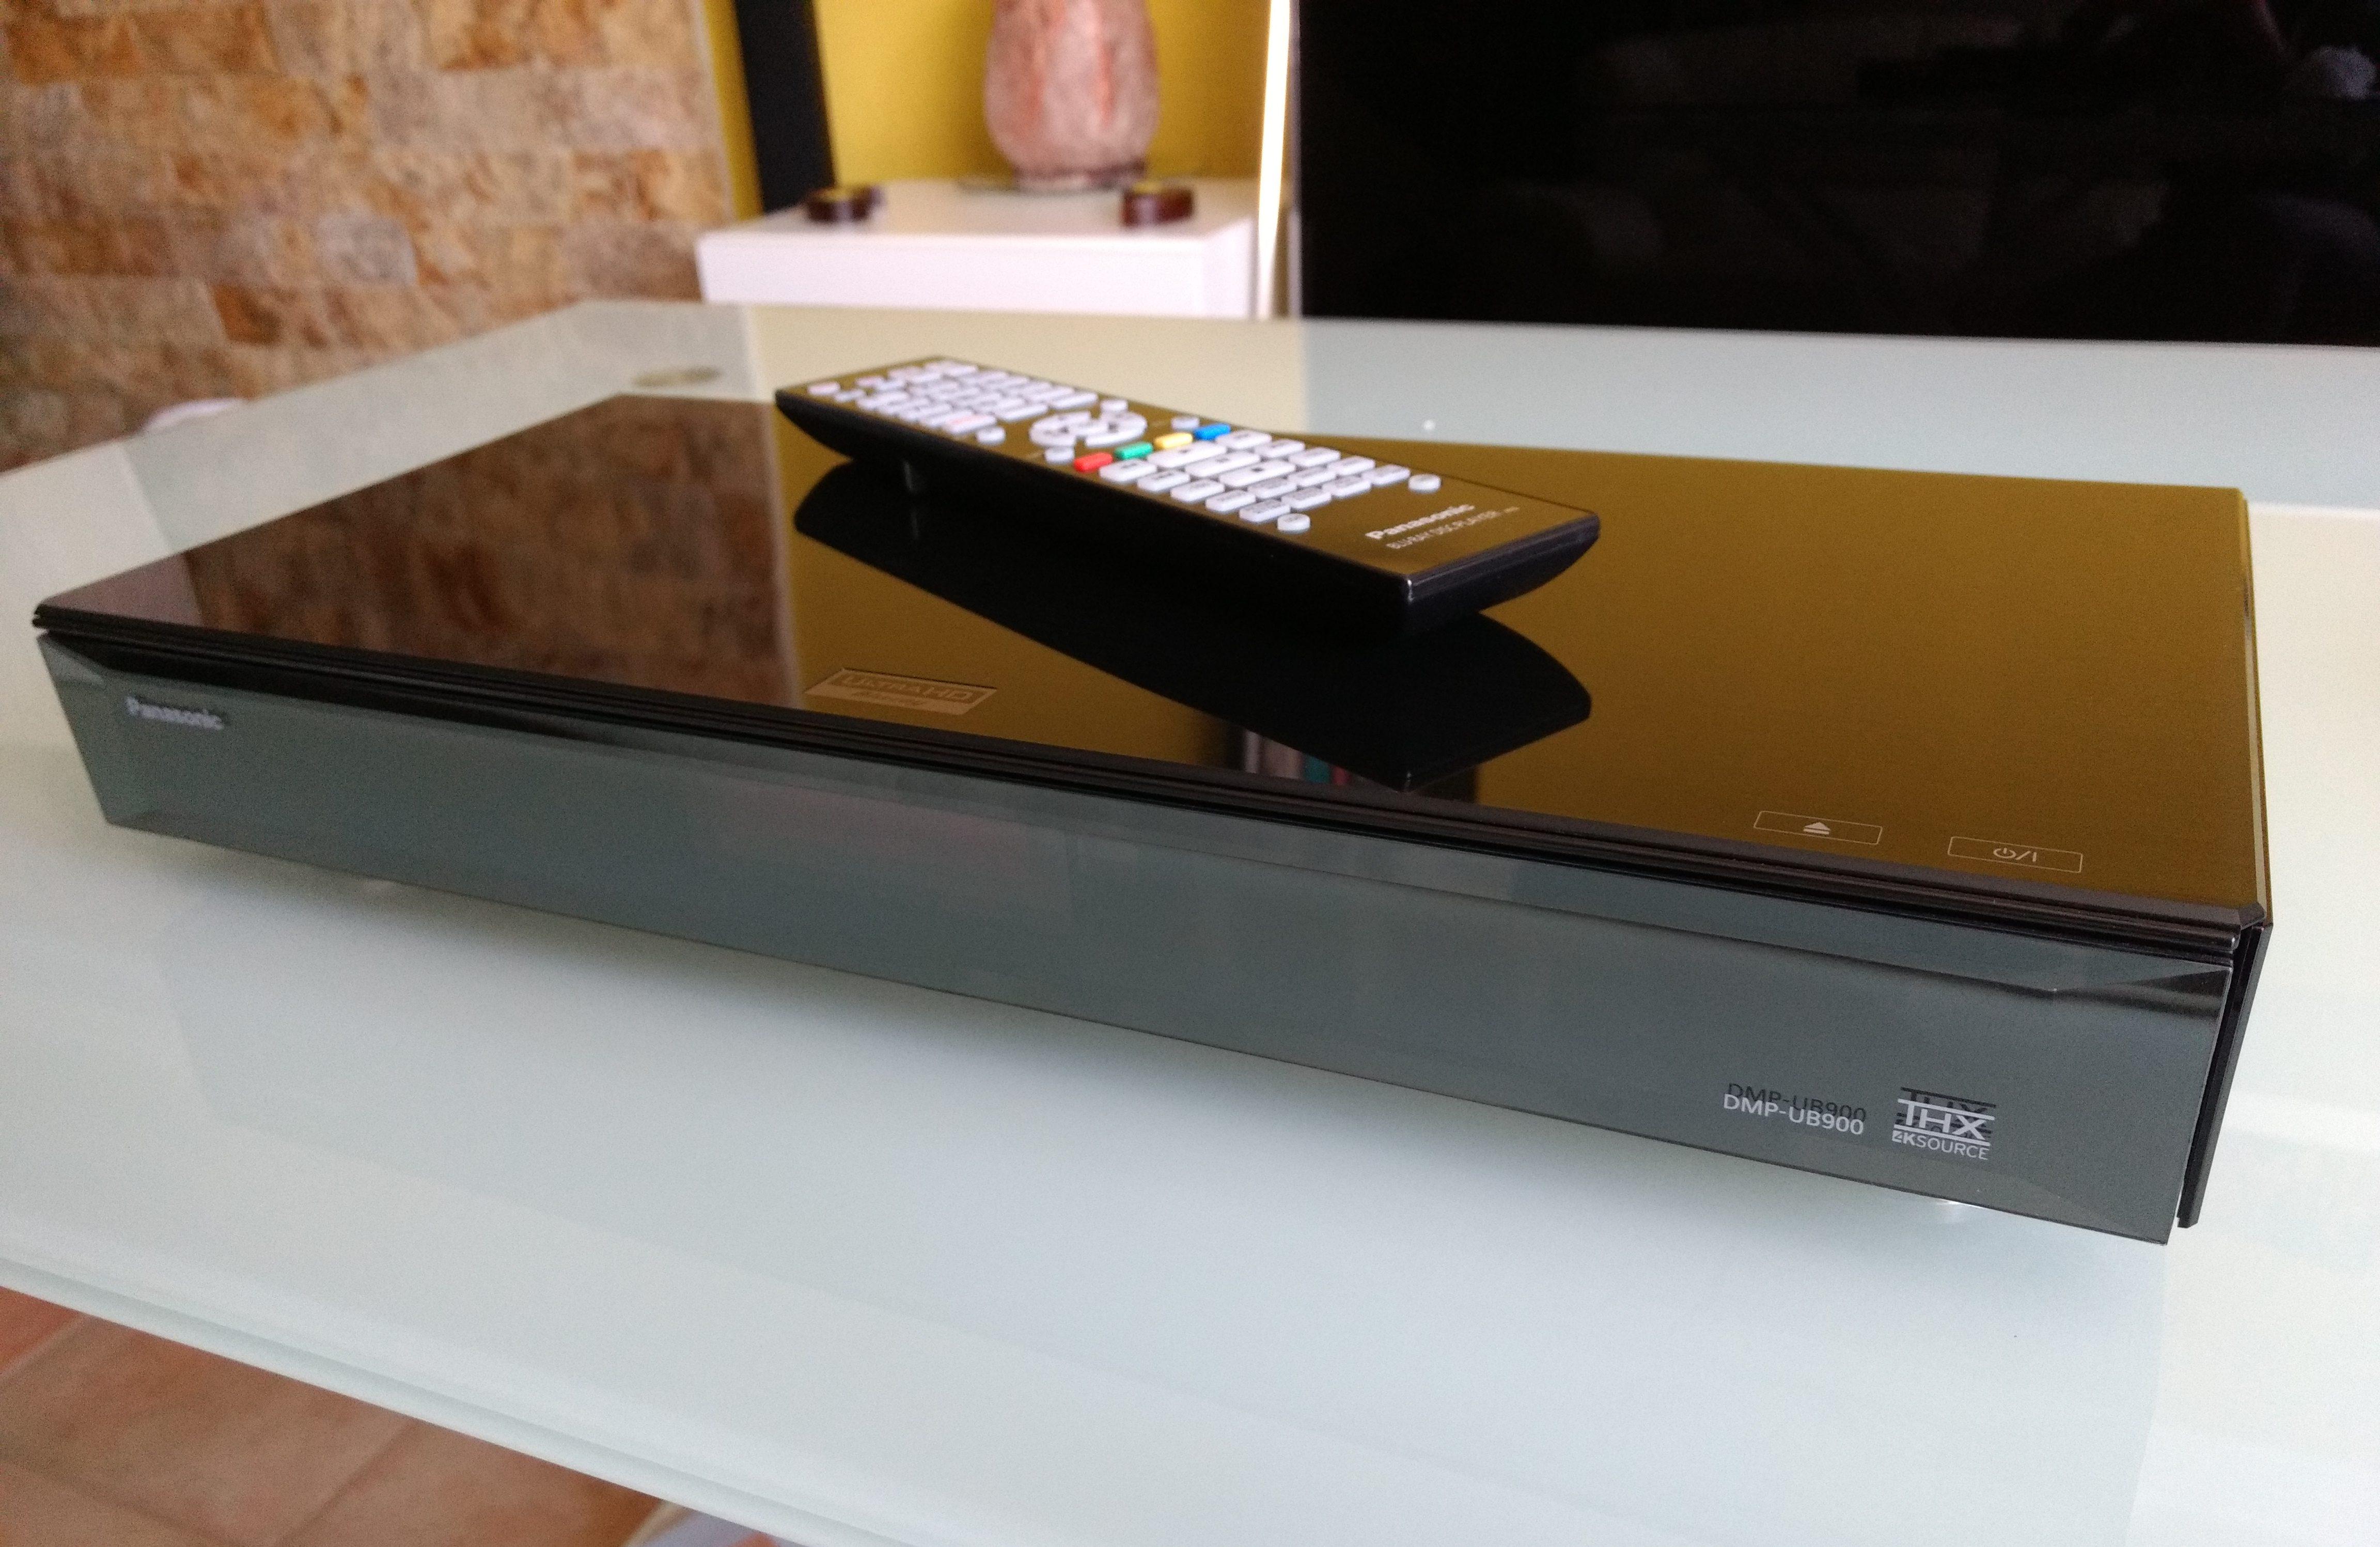 Panasonic DMP-UB900EGK